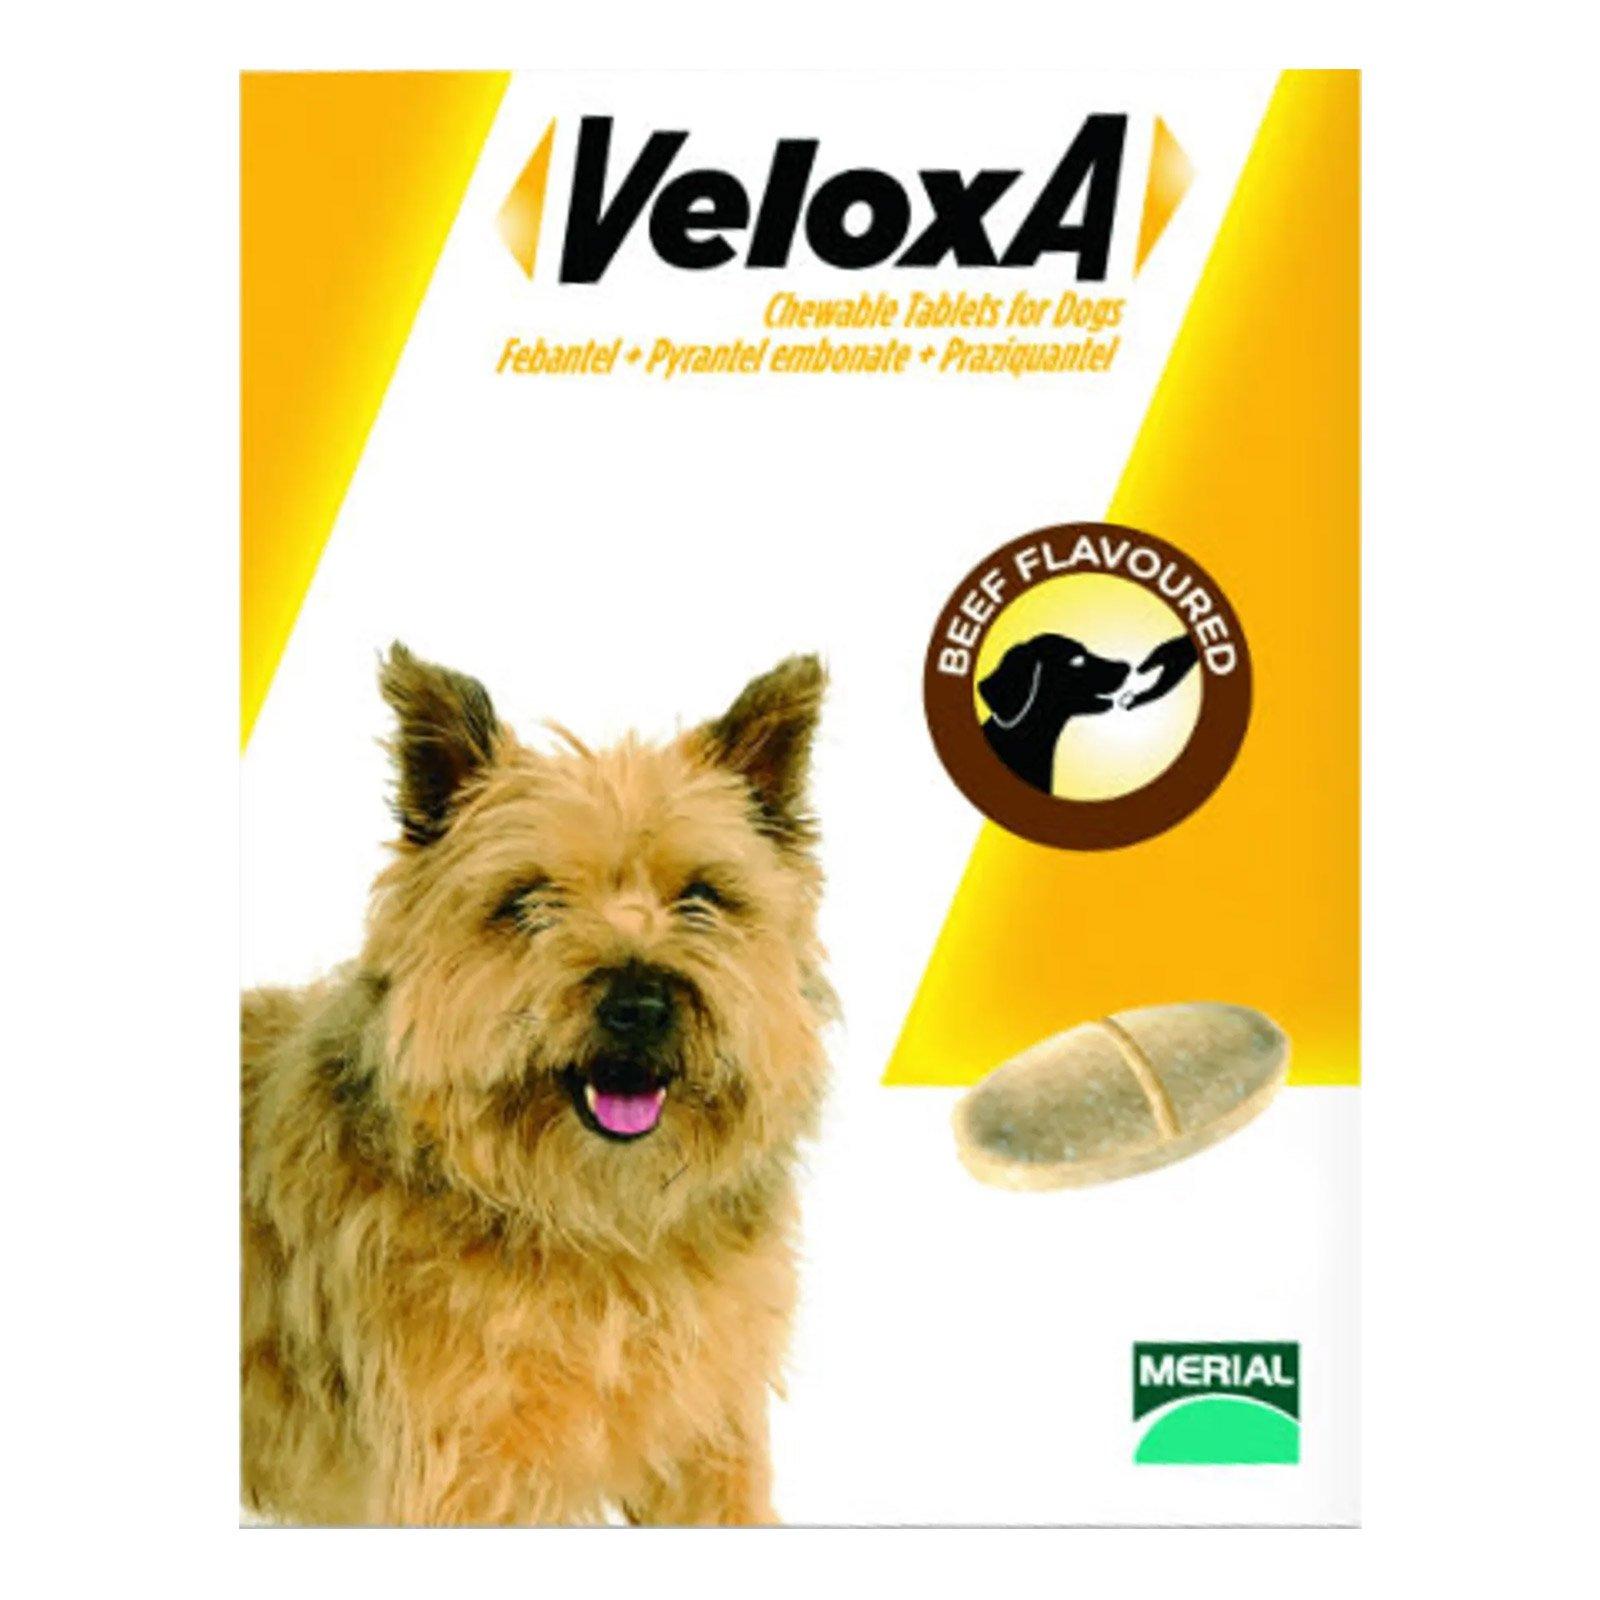 131190199377000451veloxa-chew-tabs-dog